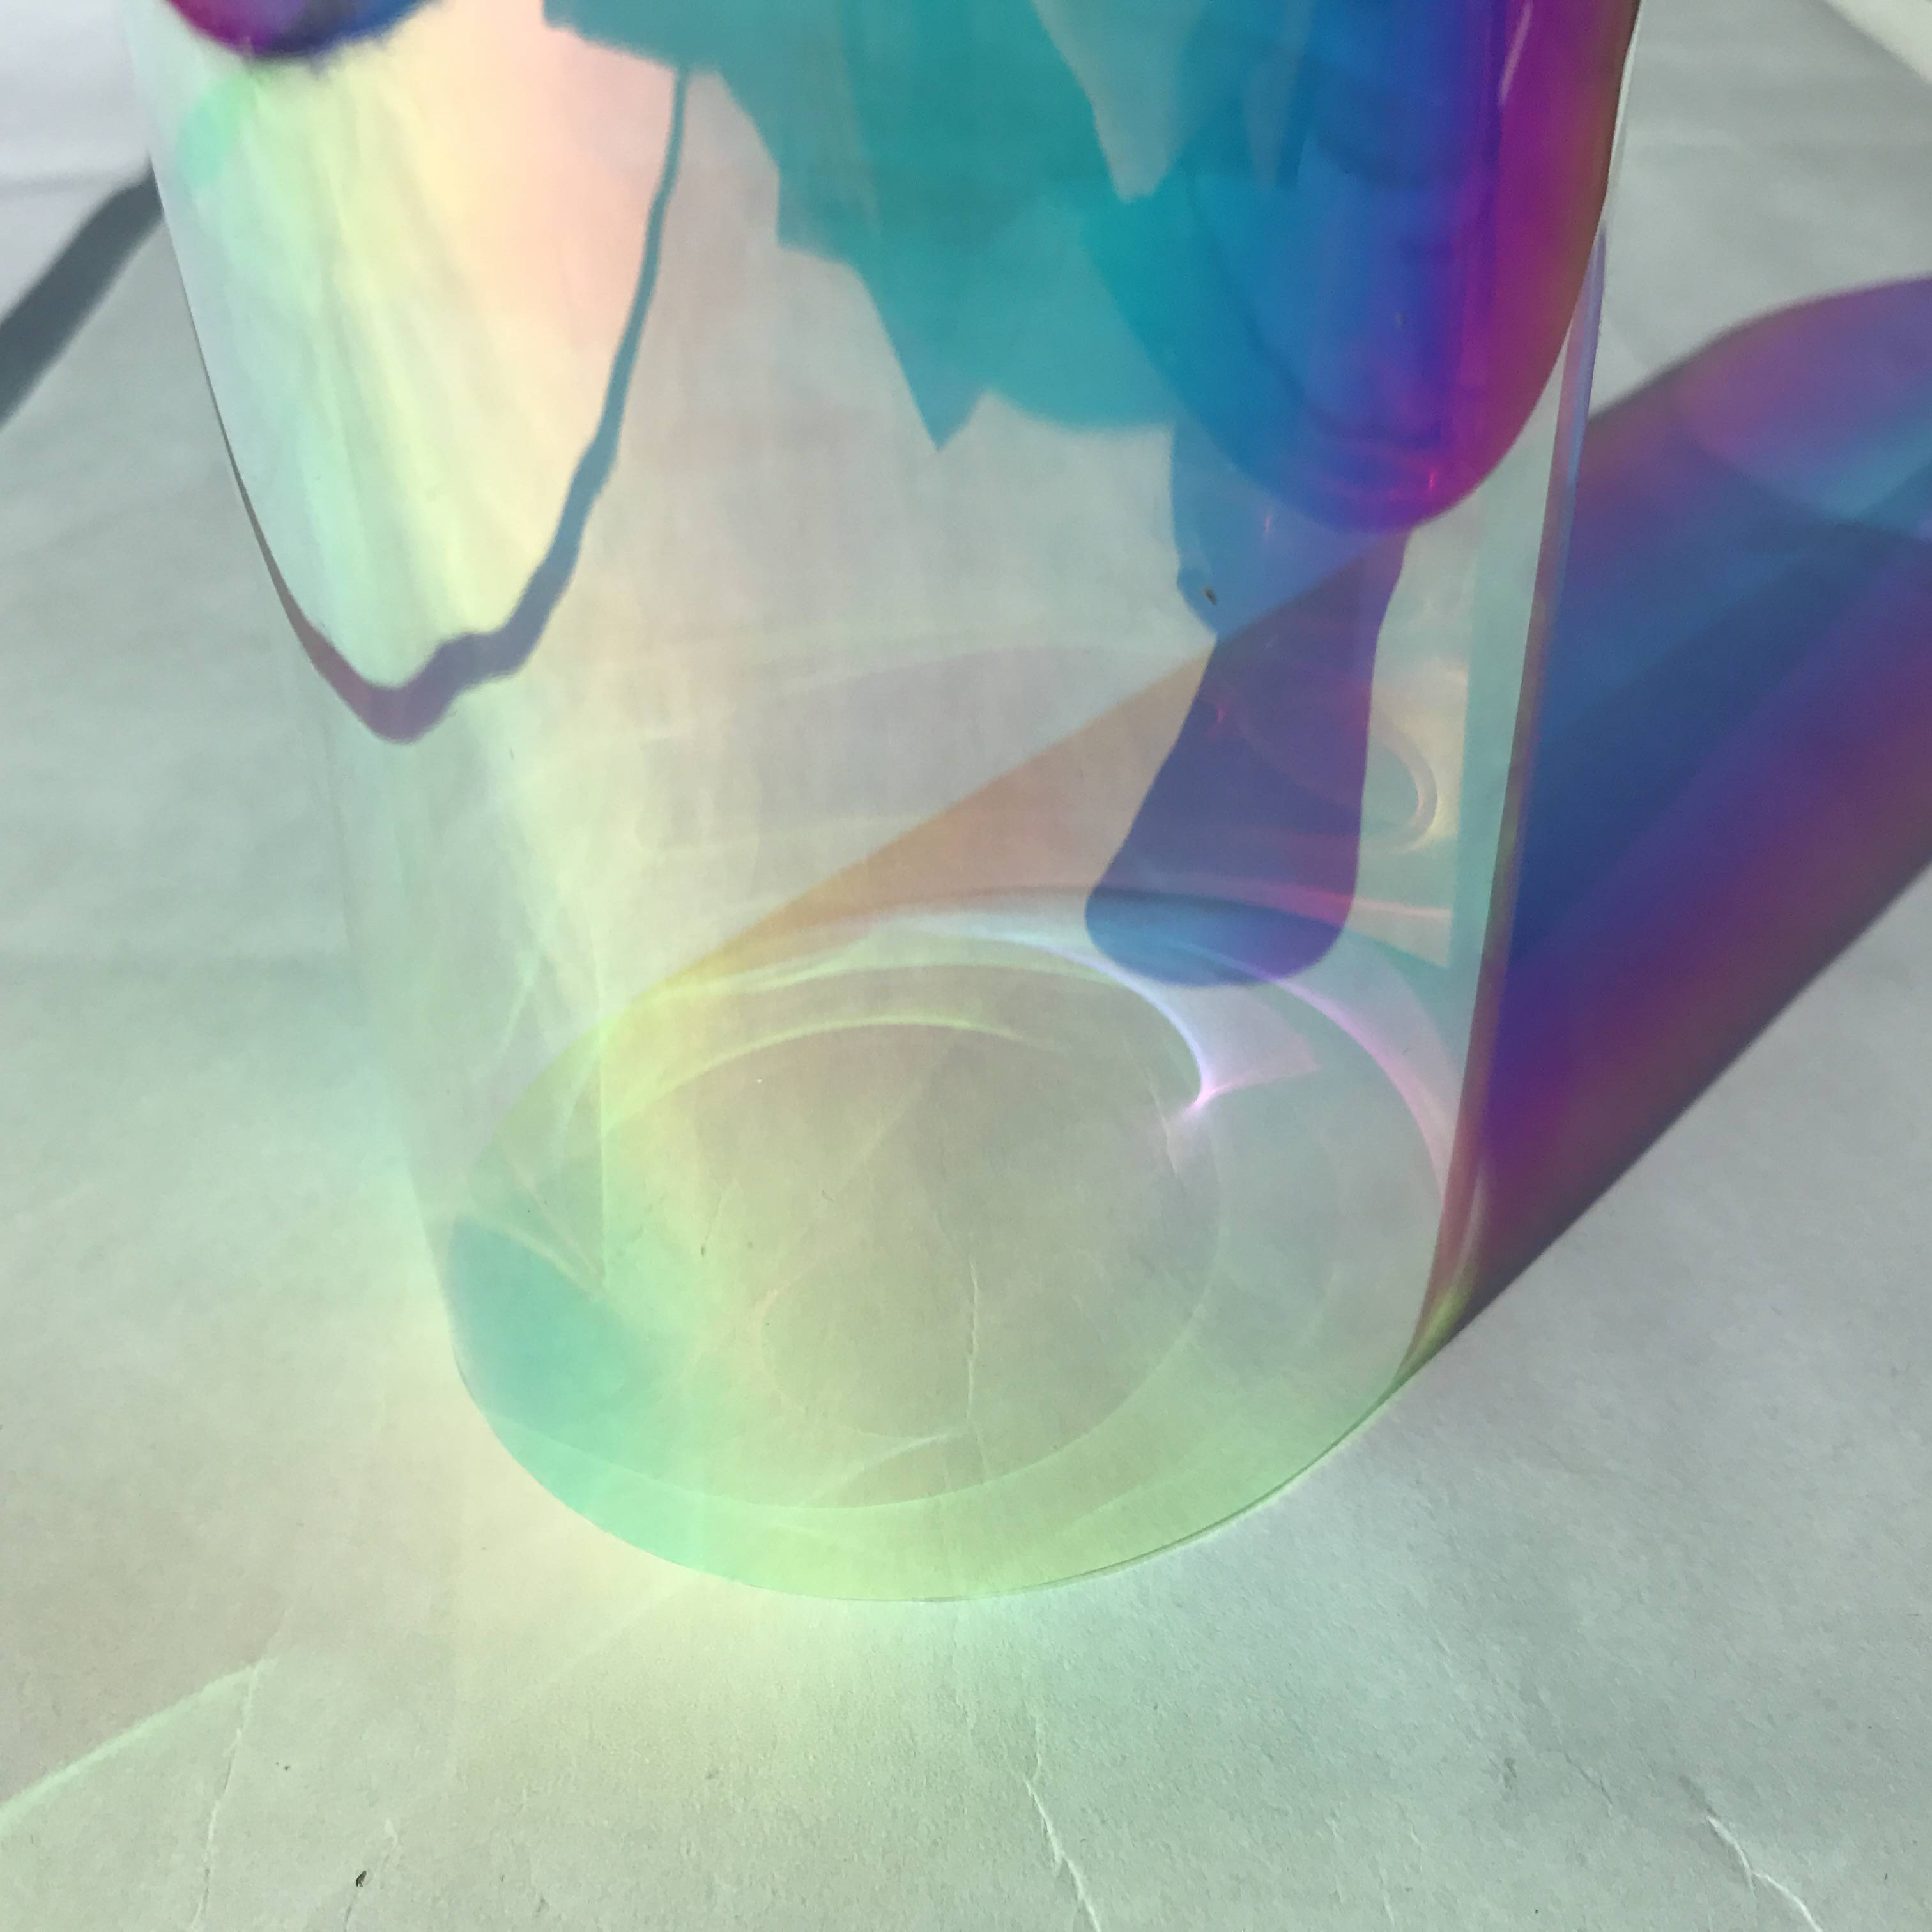 Film de fenêtre pour animaux de compagnie de construction dichroïque auto-adhésif pour feuille de verre ou acrylique échantillon 68 cm x 1 m par DHL express